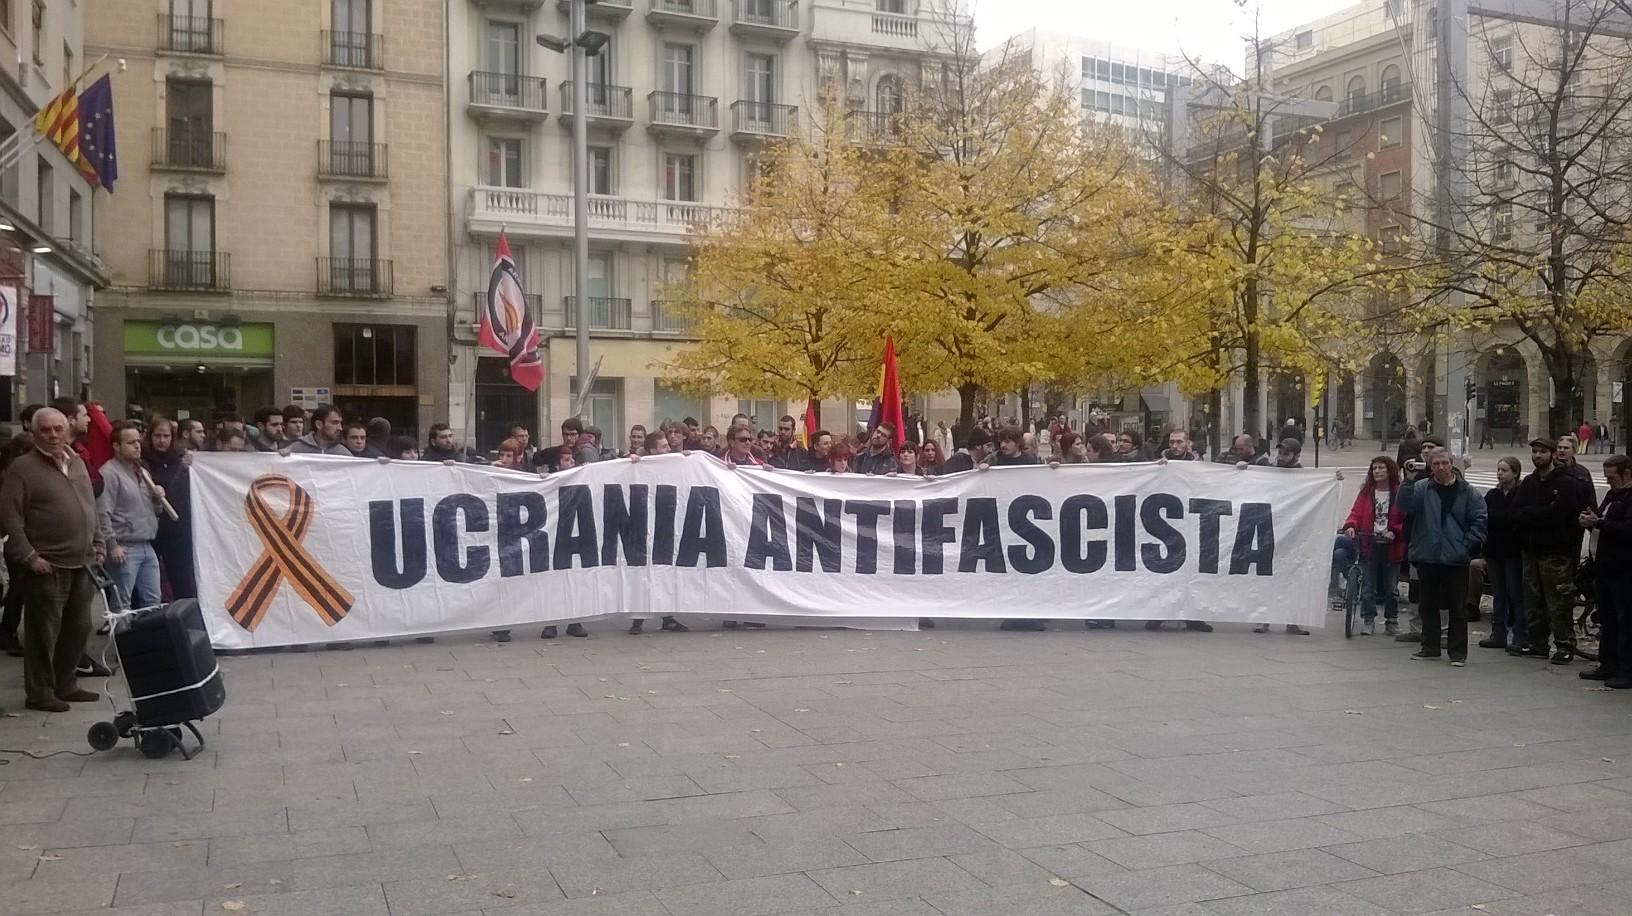 Los barrios de Zaragoza se unen contra el fascismo